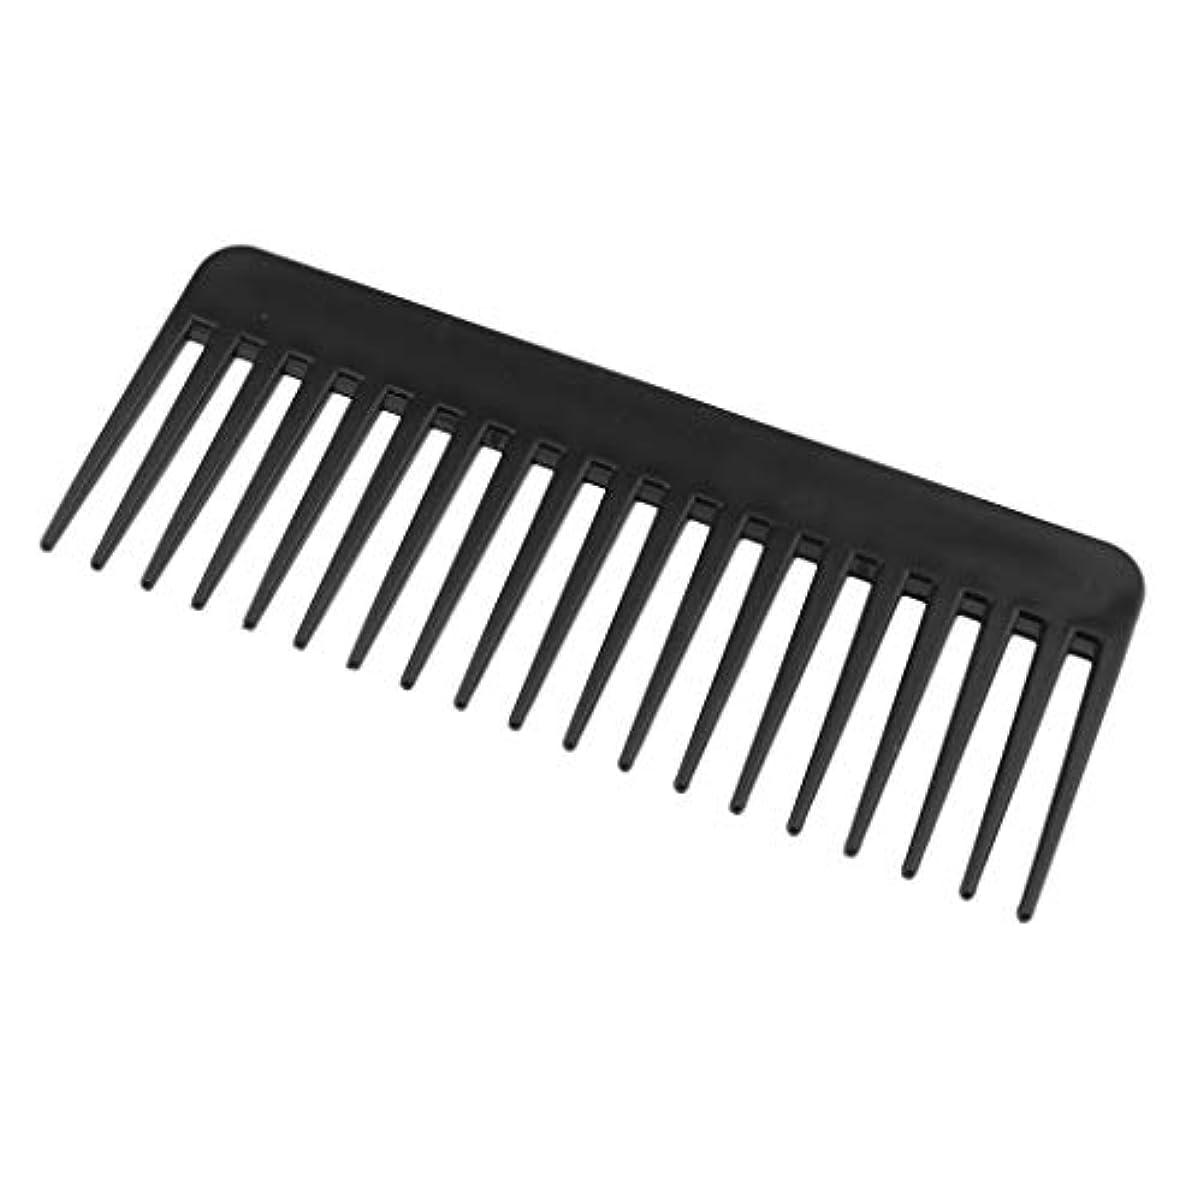 半島不快な師匠F Fityle 帯電防止くし プラスチック製 ヘアブラシ 丈夫 3色選べ - ブラック